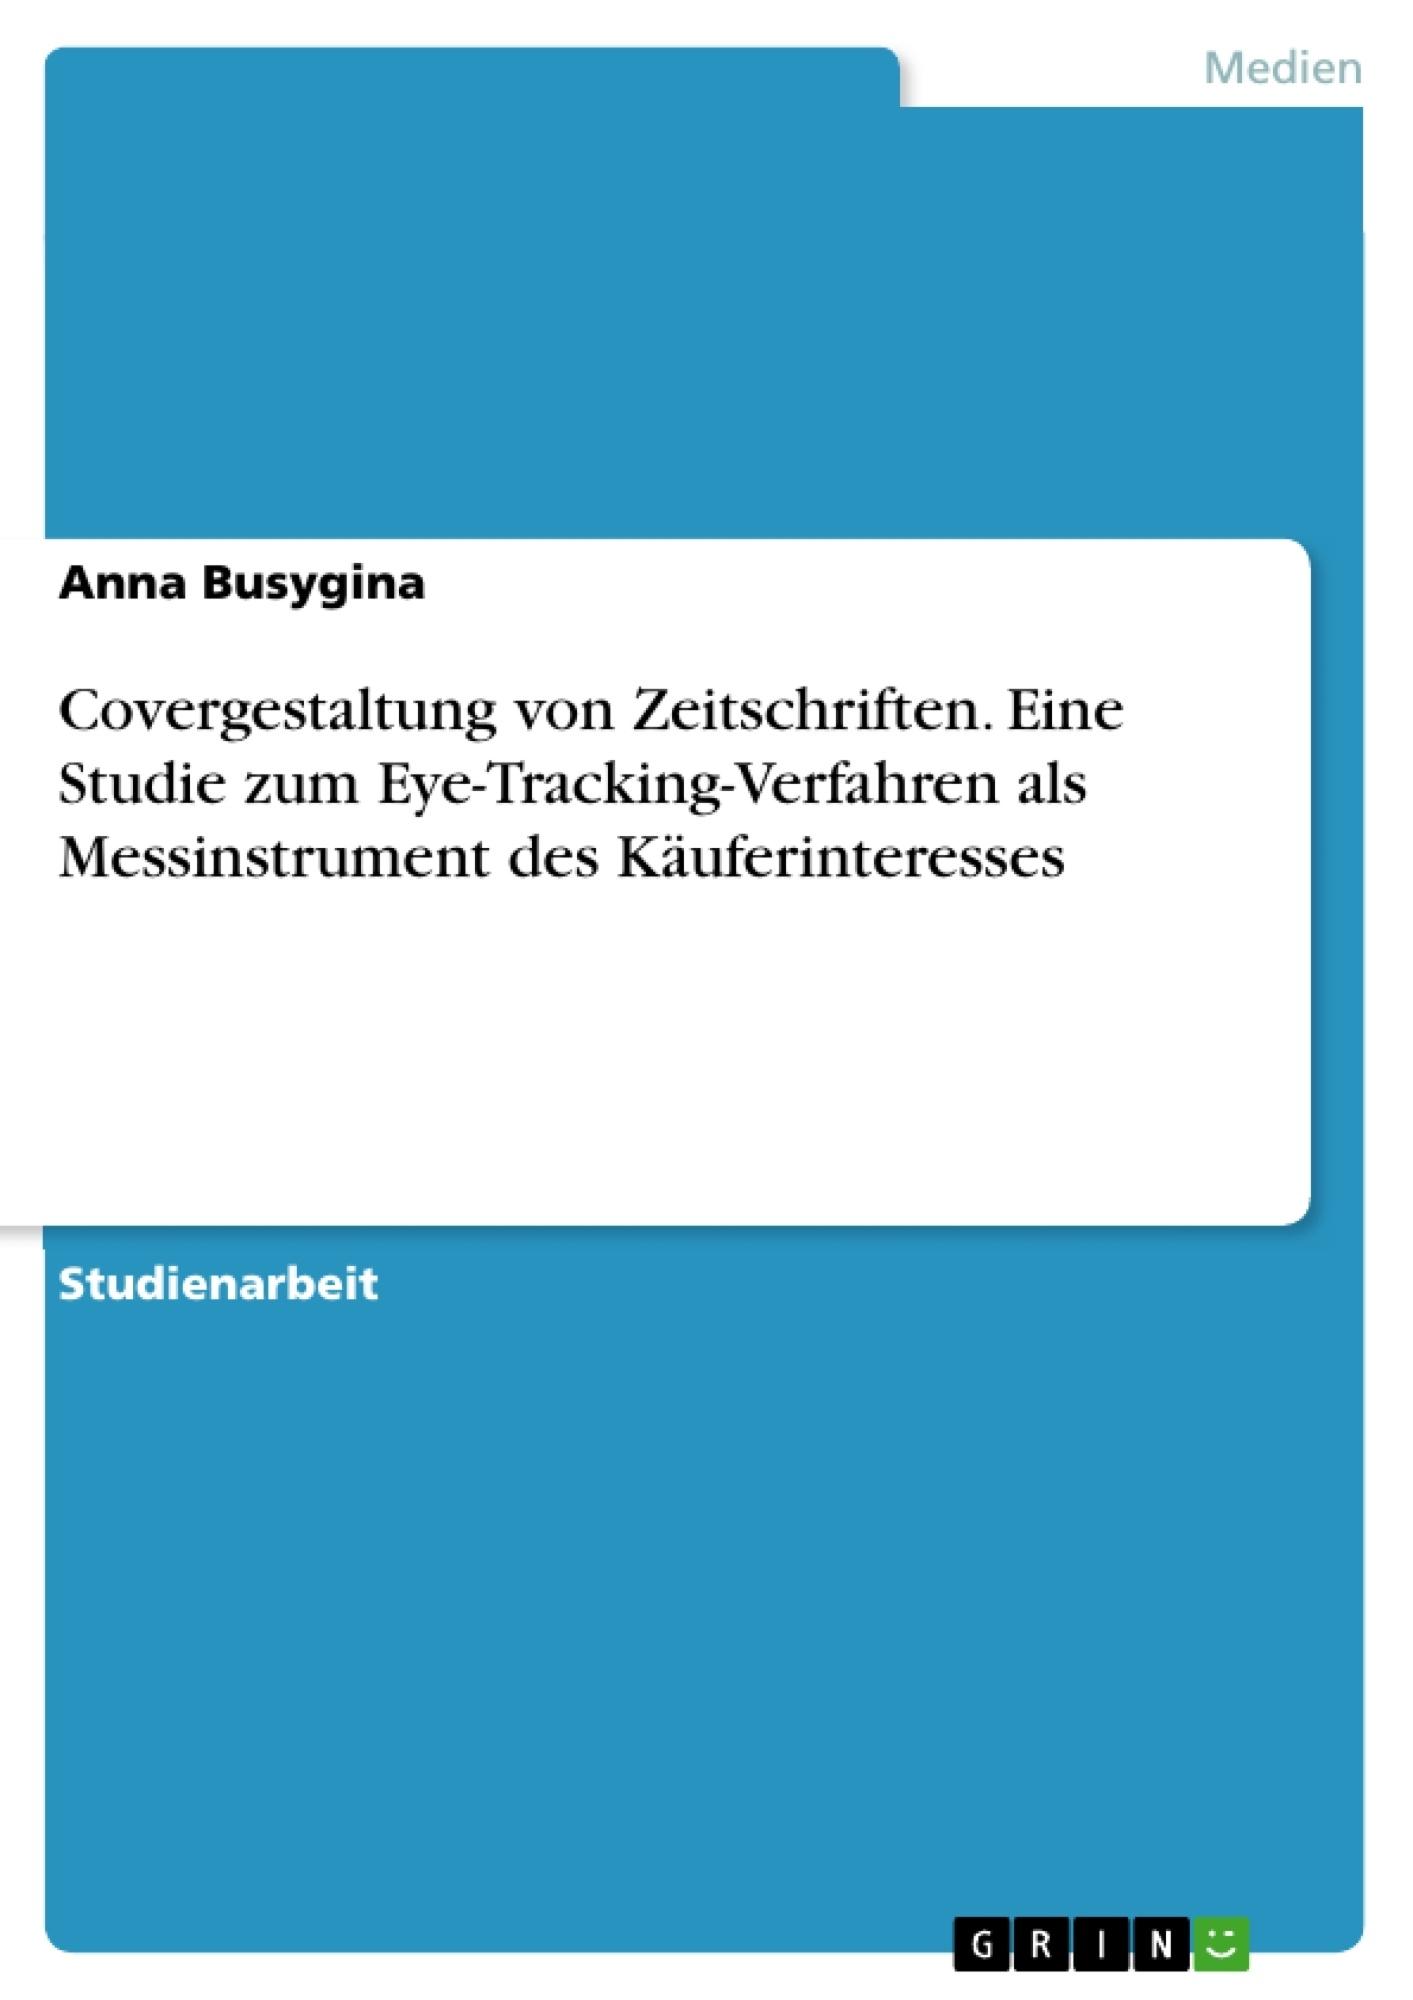 Titel: Covergestaltung von Zeitschriften. Eine Studie zum Eye-Tracking-Verfahren als Messinstrument des Käuferinteresses